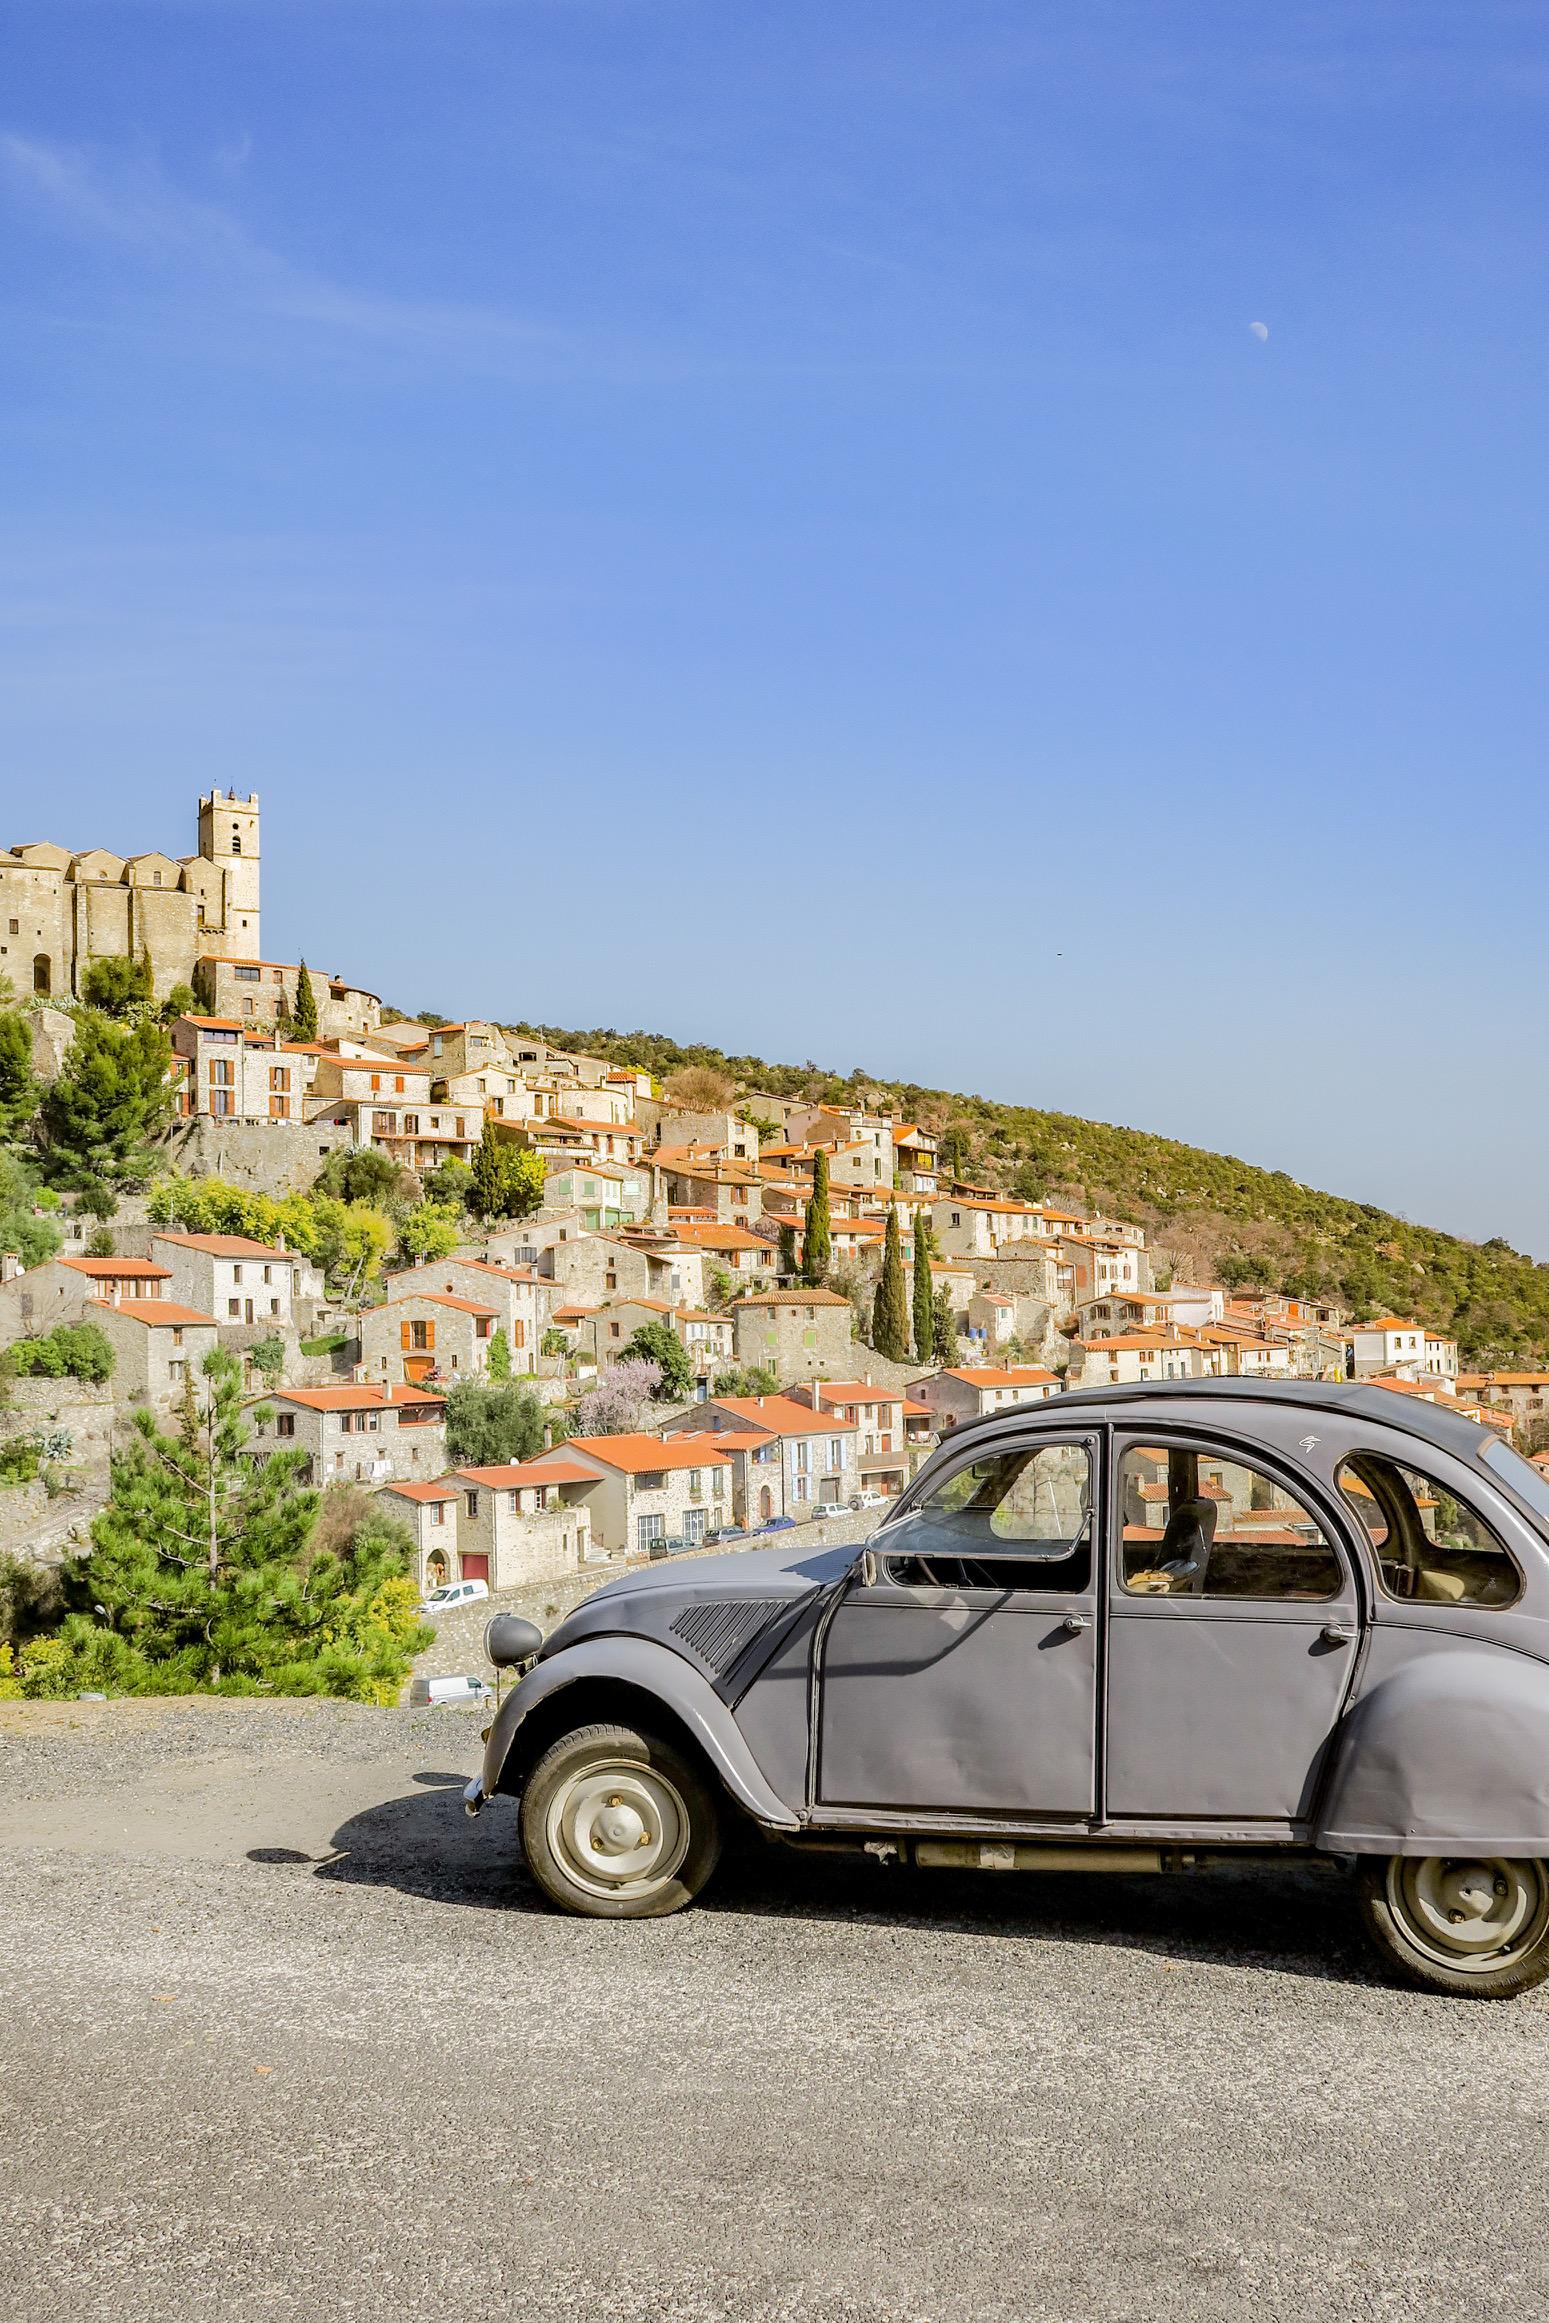 eus plus beaux villages de france et des pyrénées-orientales